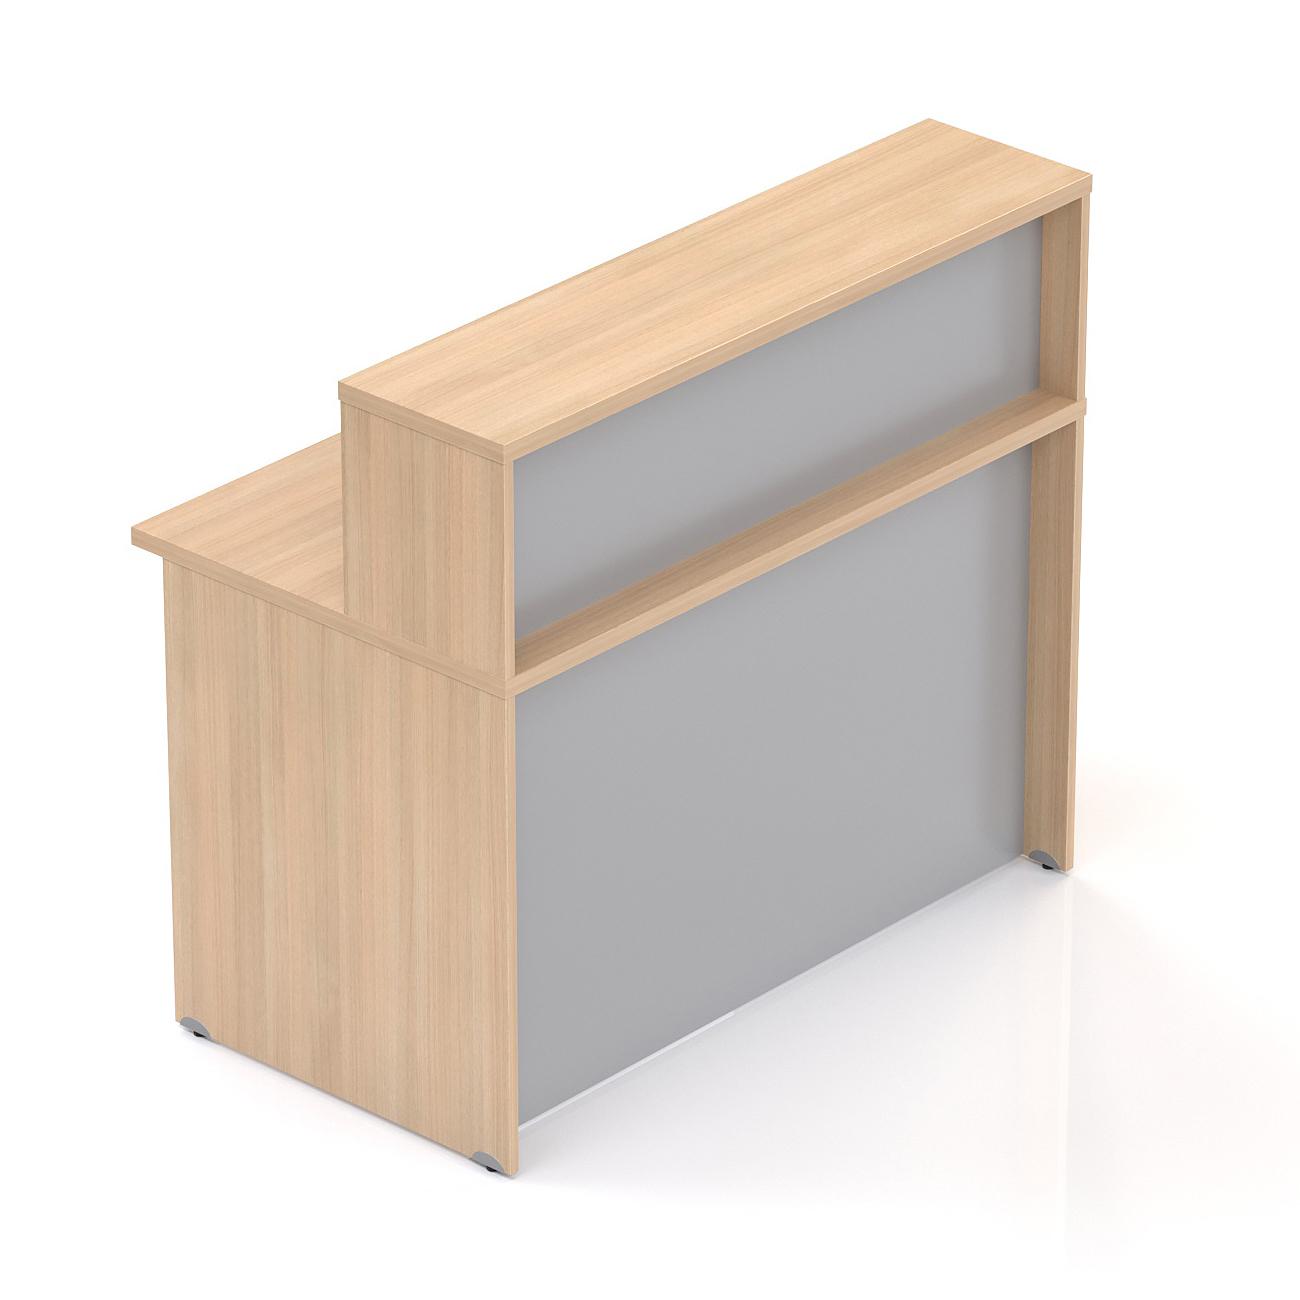 Recepční pult s nástavbou Komfort, 136x70x111 cm - NLKA13 05